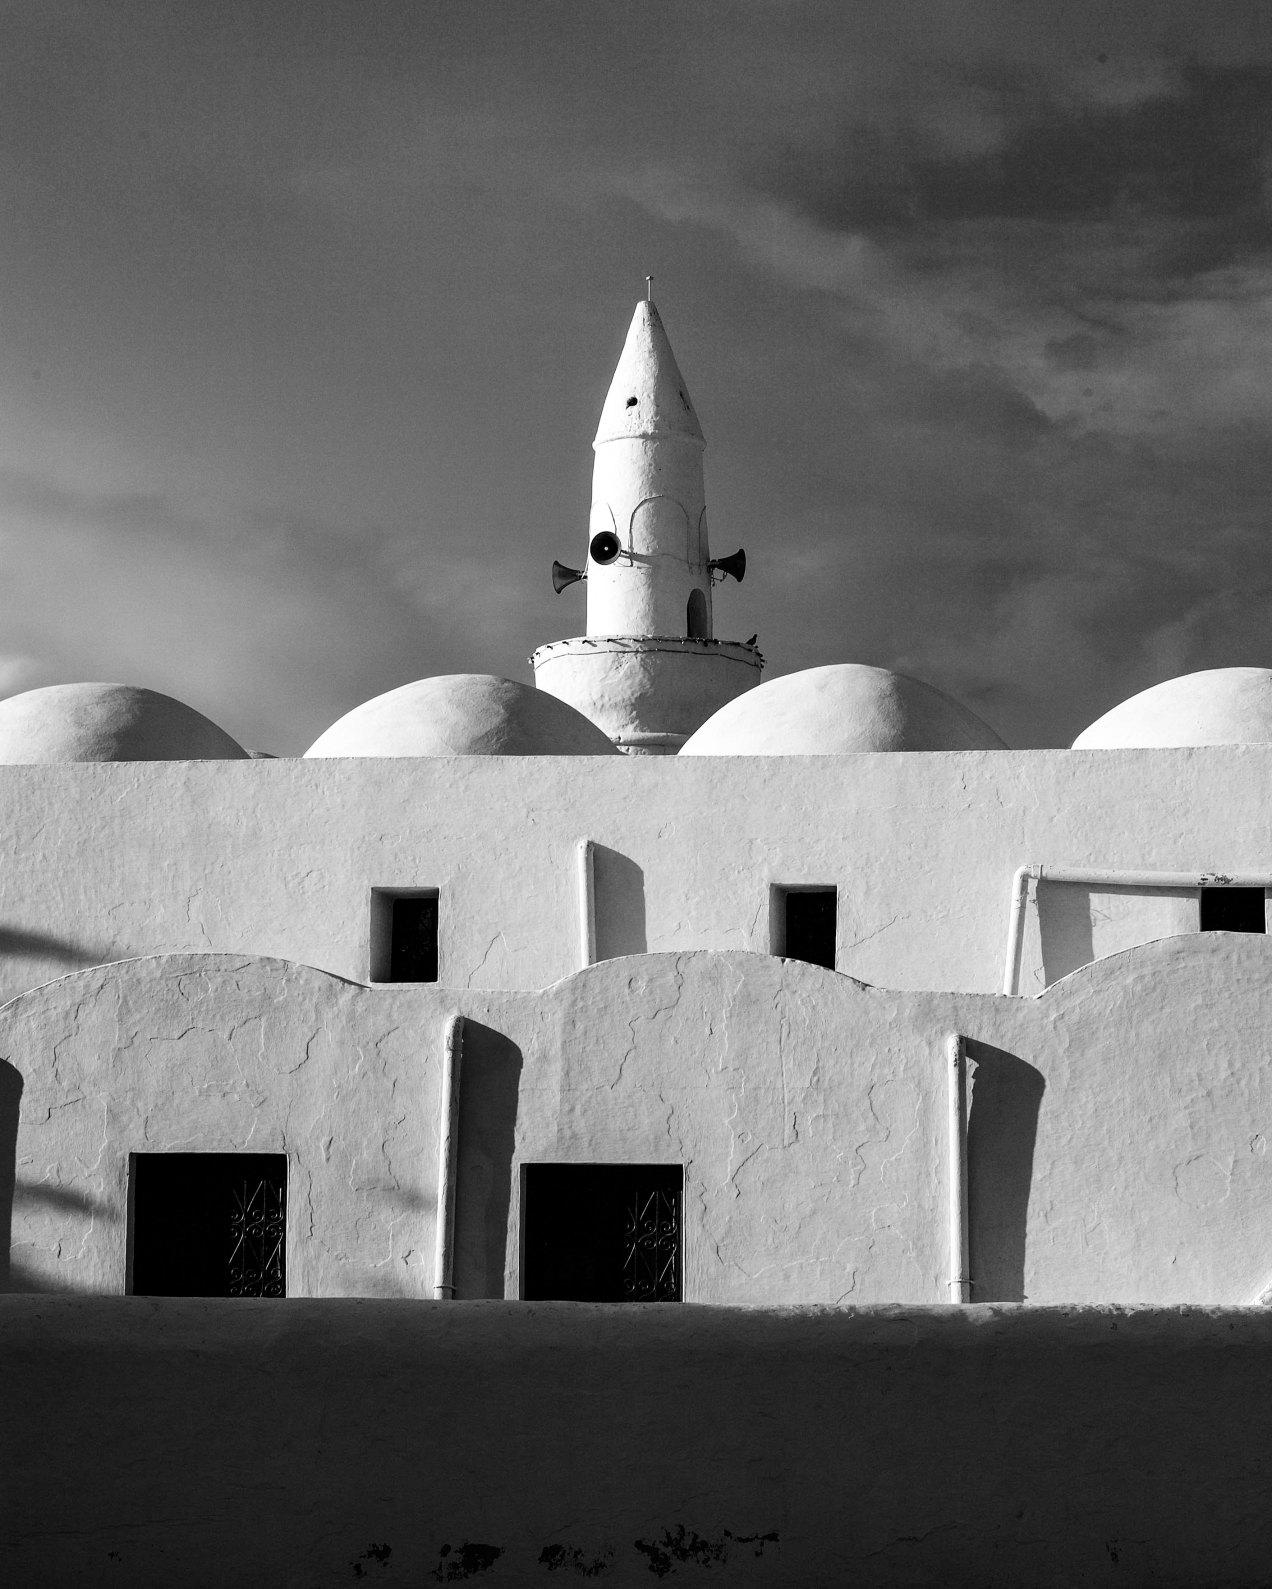 Tunisie, mosquée, gildalliere, 2011